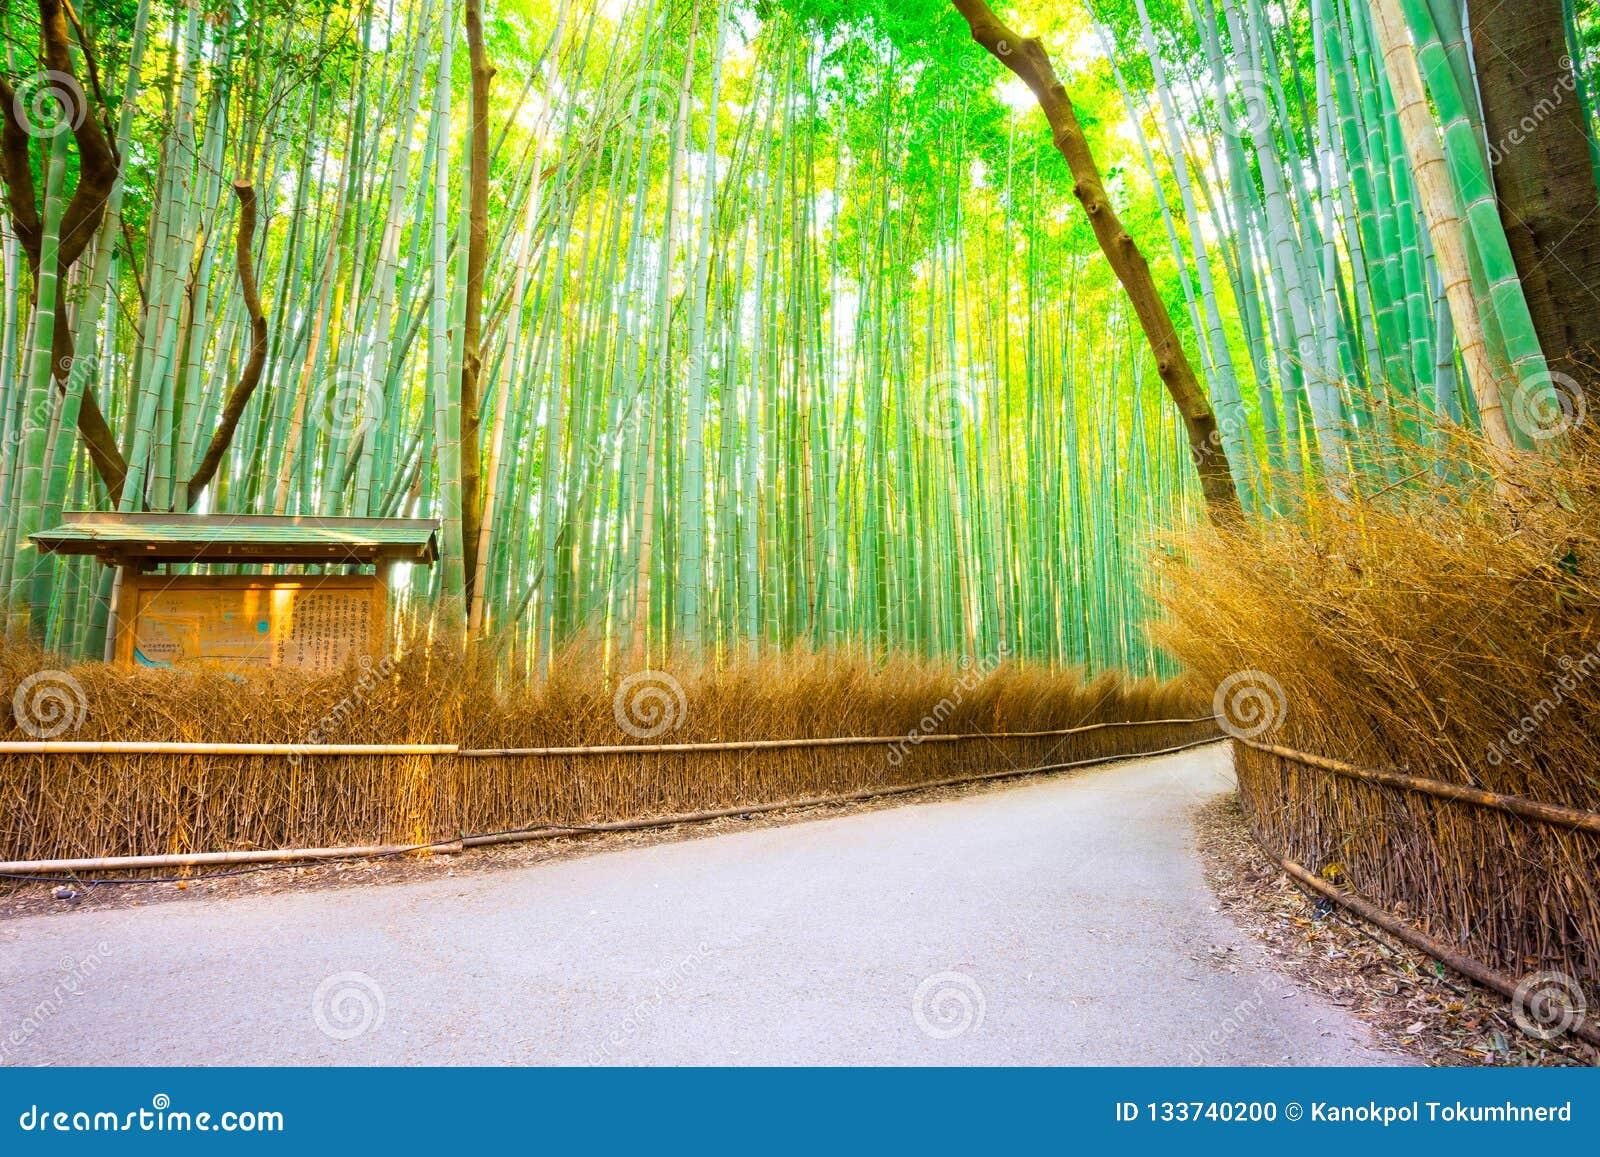 Amboobosjes in Arashiyama in Kyoto, Japan